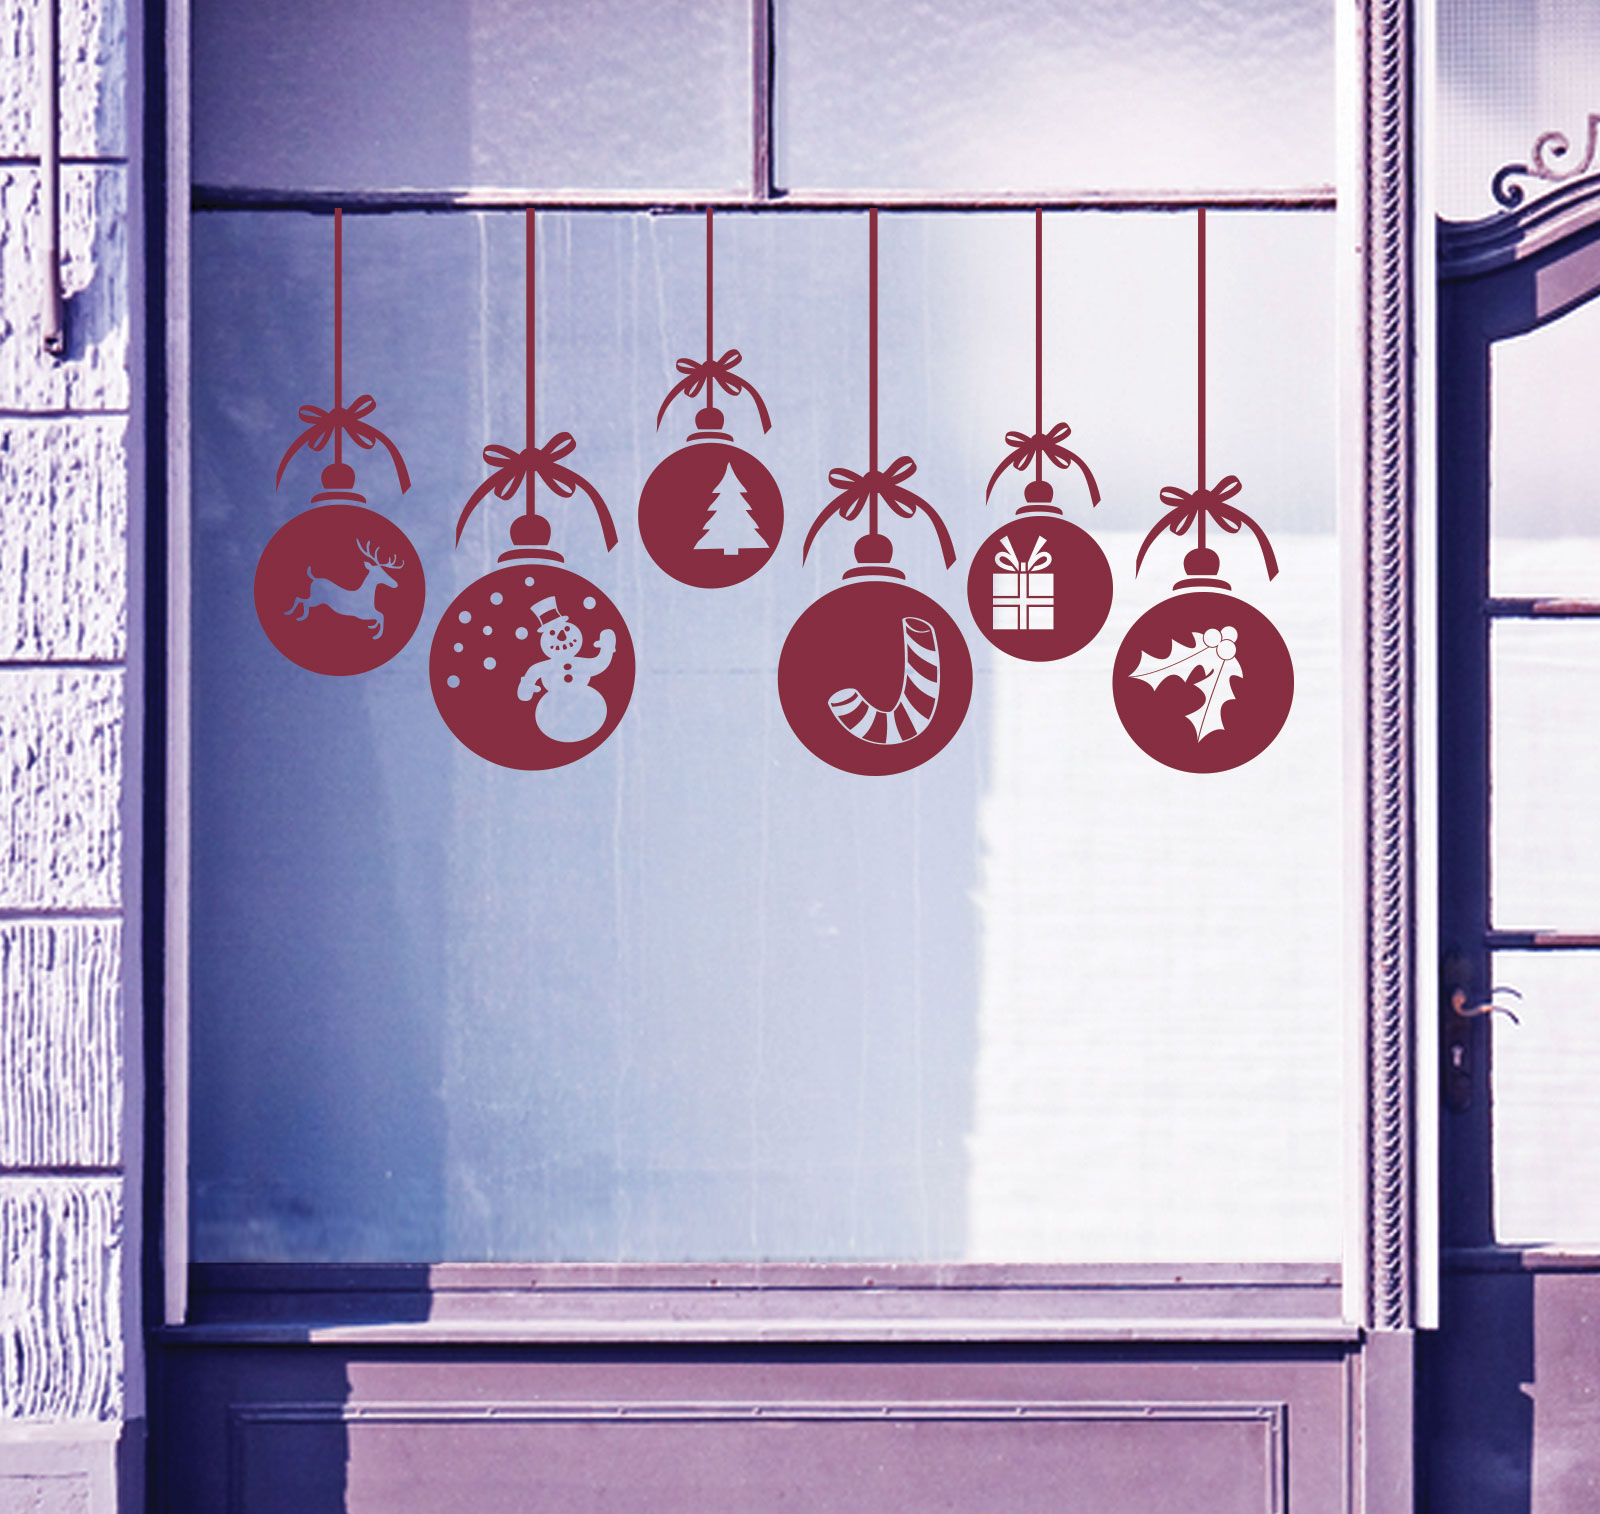 xmas wall decorations shenra com christmas xmas baubles shop window wall decorations decals window